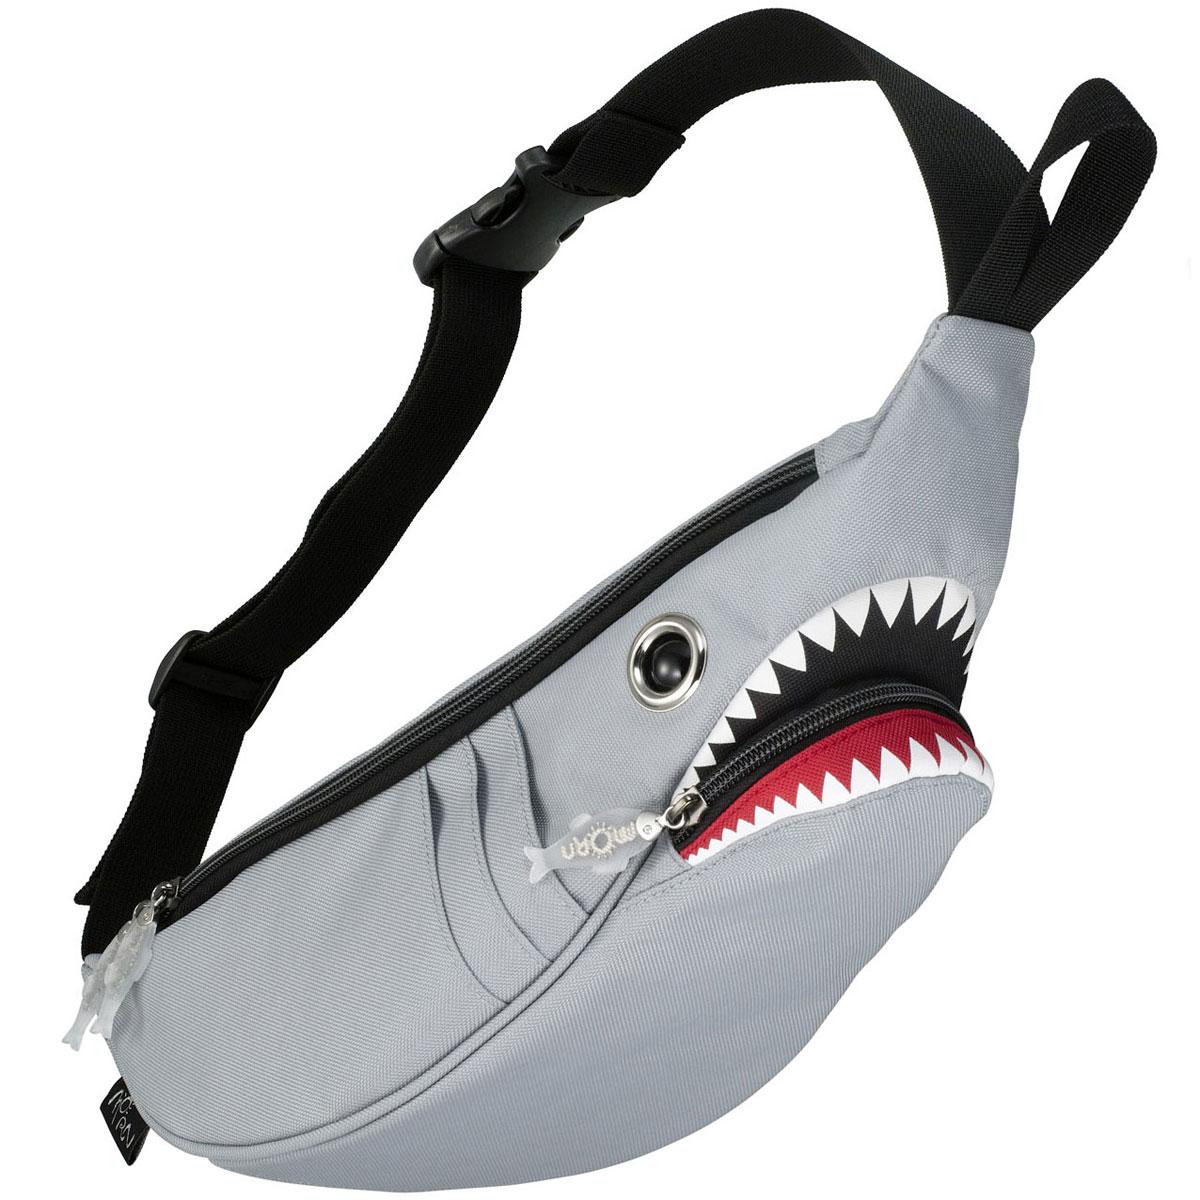 ウエストポーチ MORN CREATIONS シャークウエストポーチ サメバッグ 正規品 ウエストバッグ ウエストバック モーンクリエイションズ シャークバッグ グレー